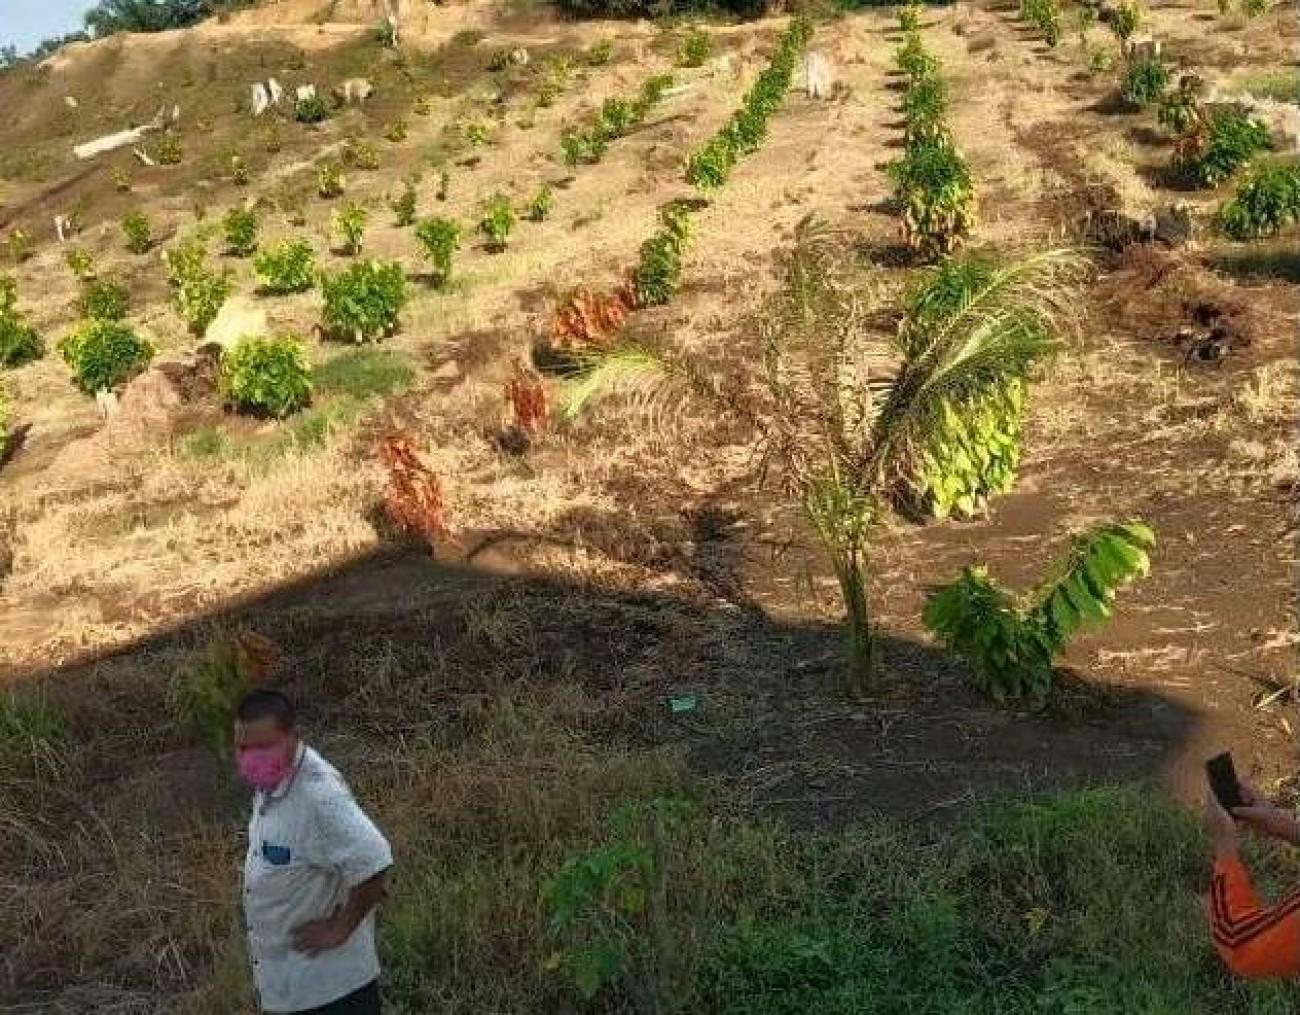 Semangat Petani Kakao di Tengah Serangan COVID-19